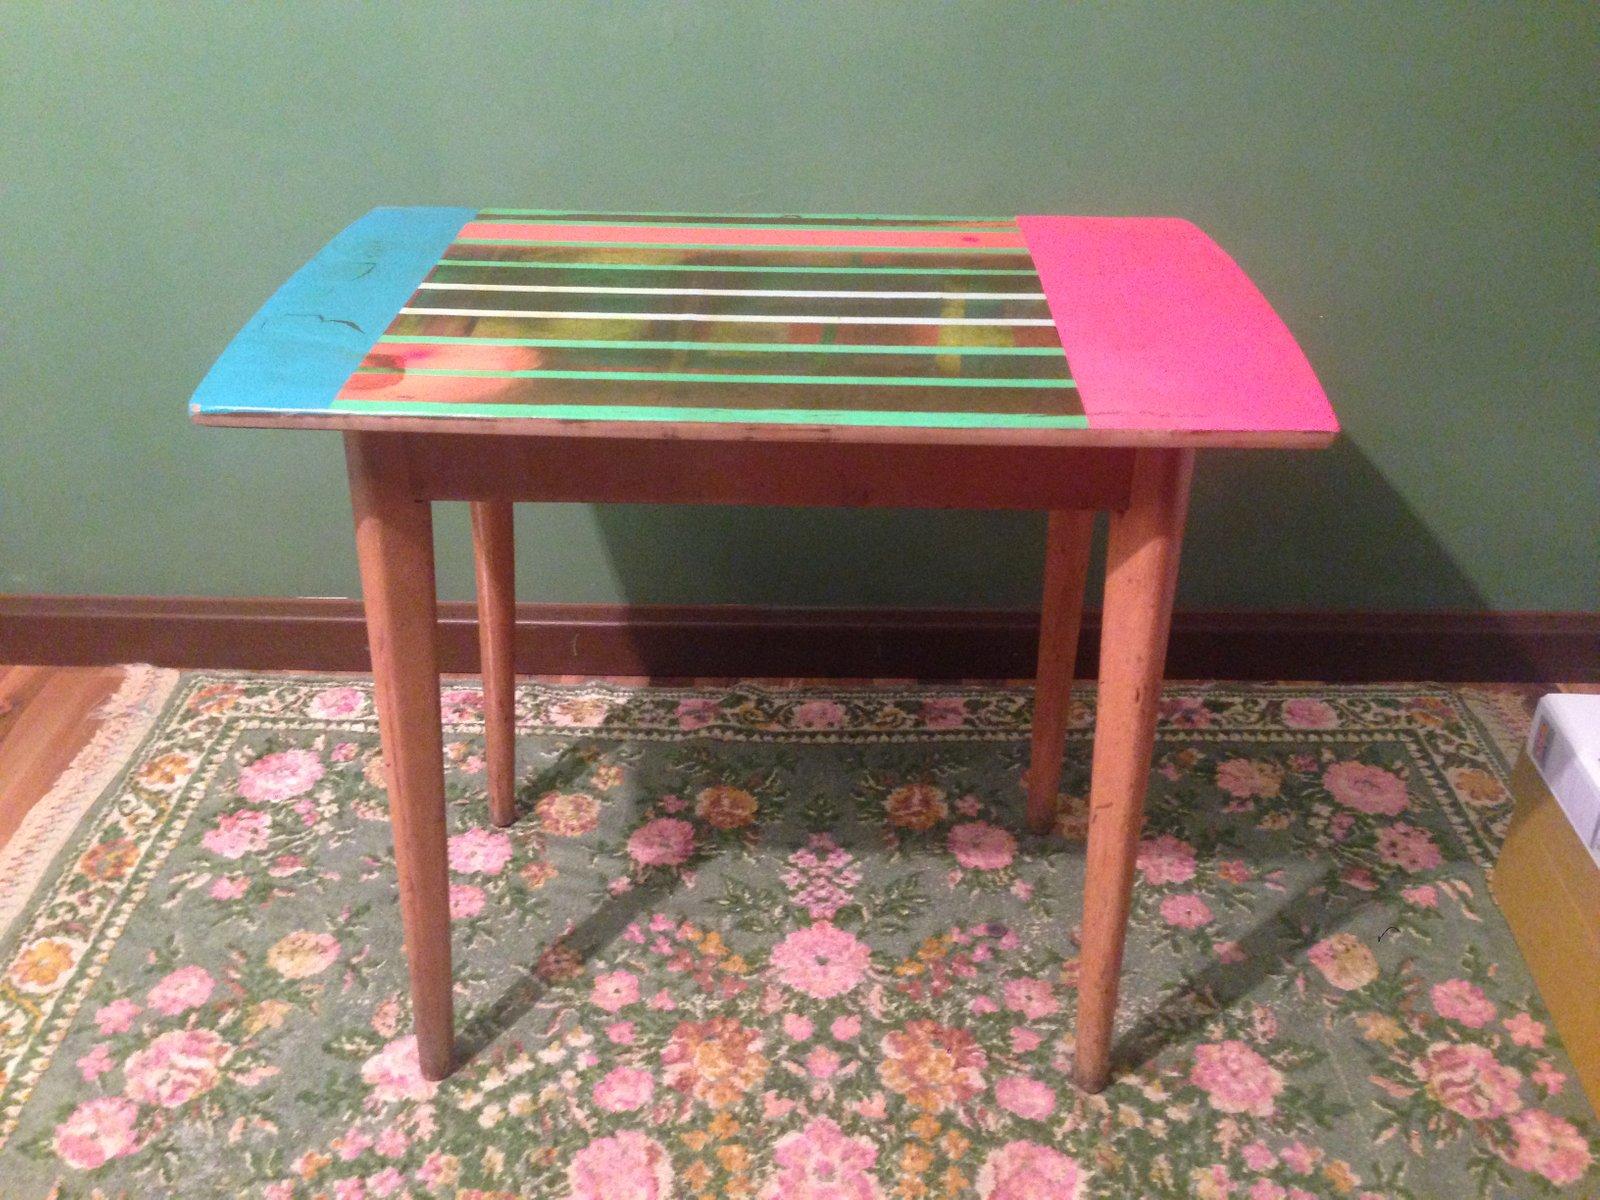 kleiner tisch von markus friedrich staab bei pamono kaufen. Black Bedroom Furniture Sets. Home Design Ideas